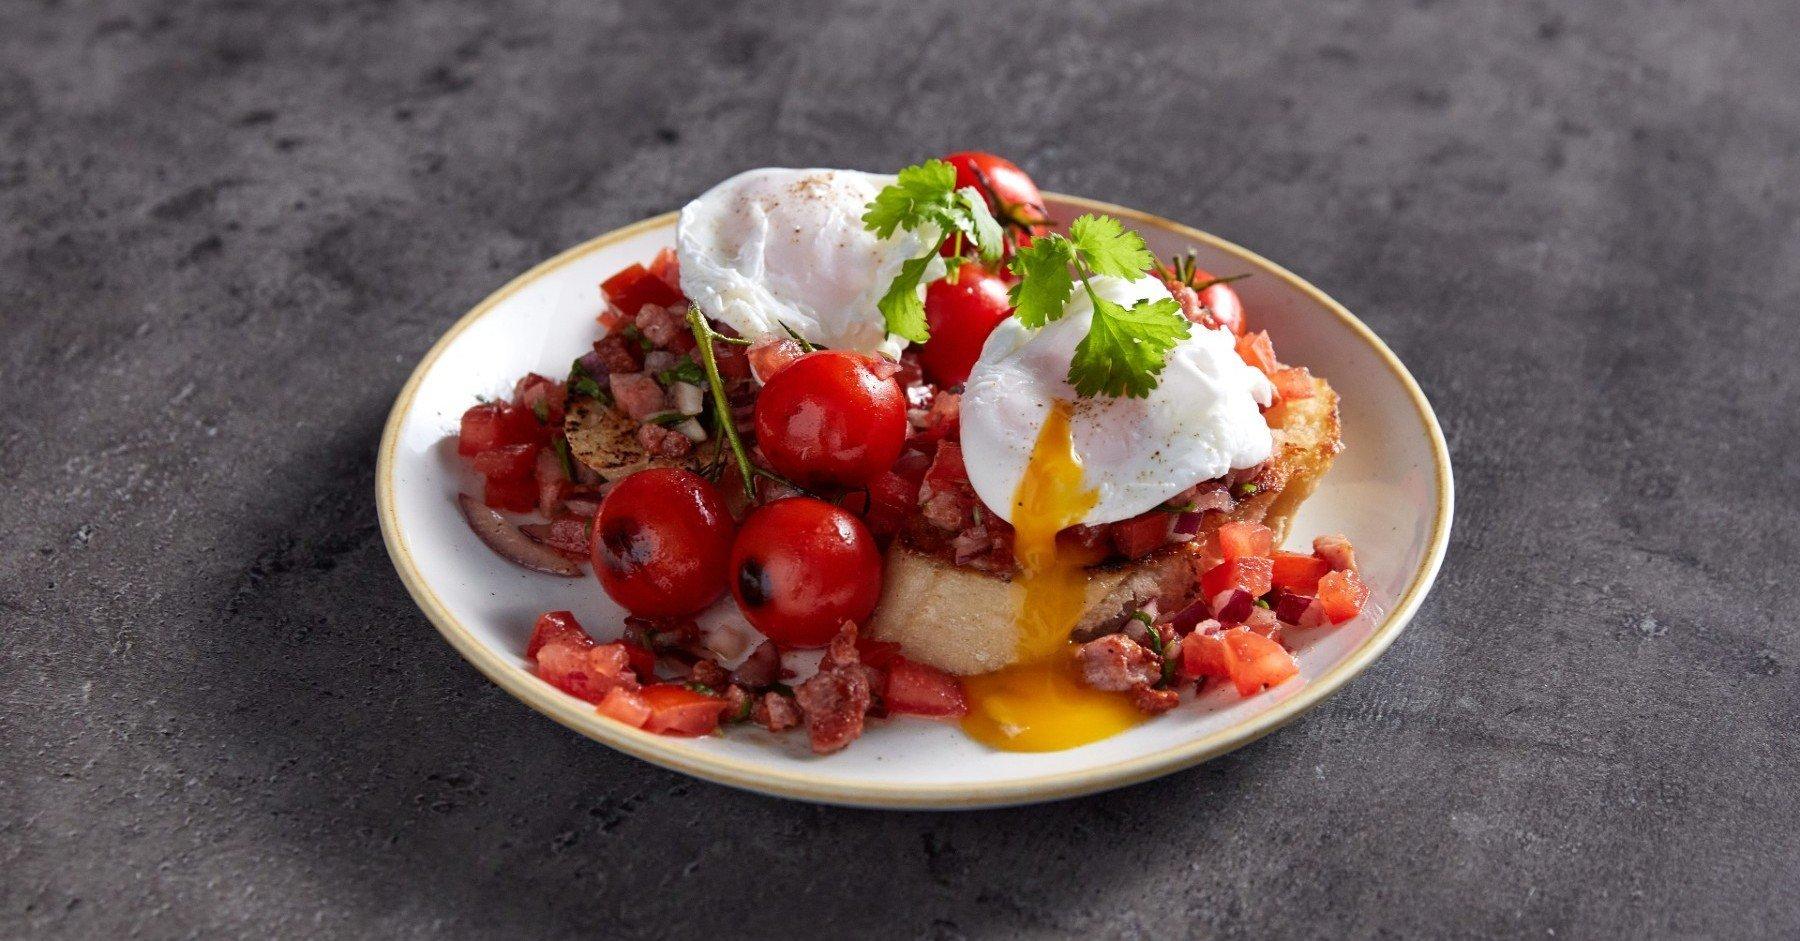 Frühstücks Bruschetta | Proteinreiches Brunch